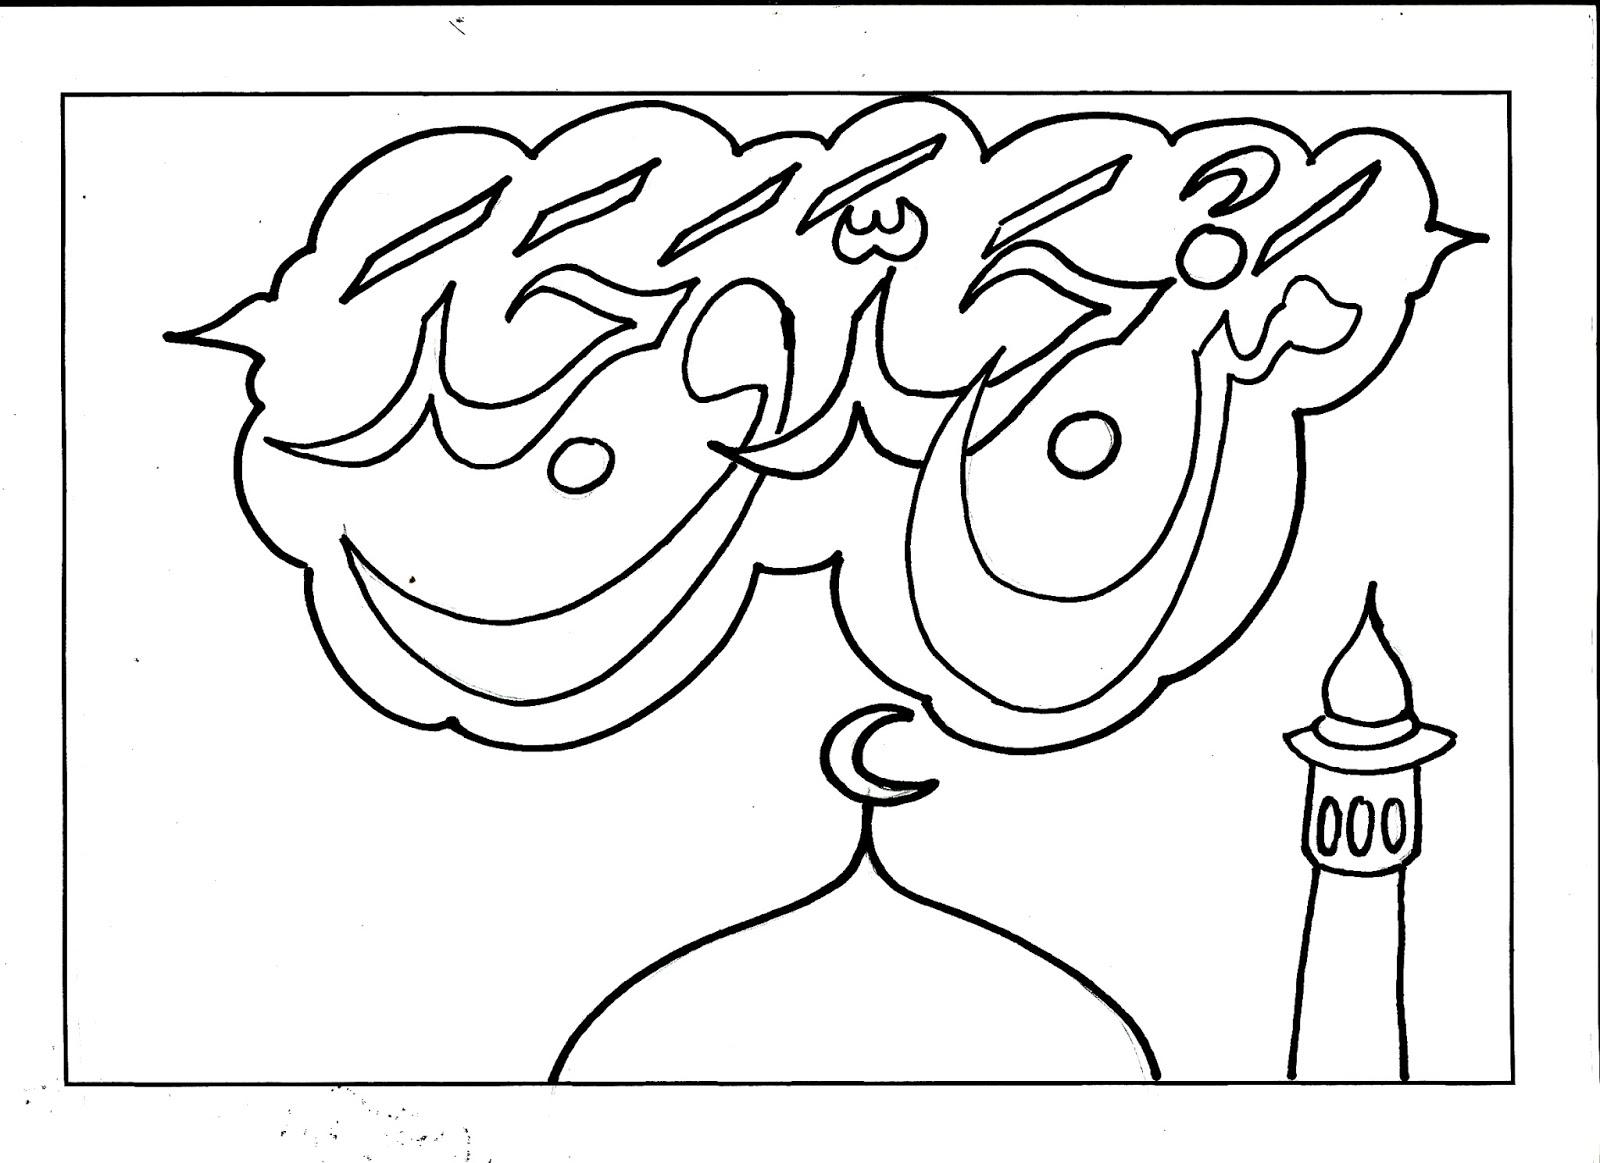 Contoh Hasil Mewarnai Kaligrafi